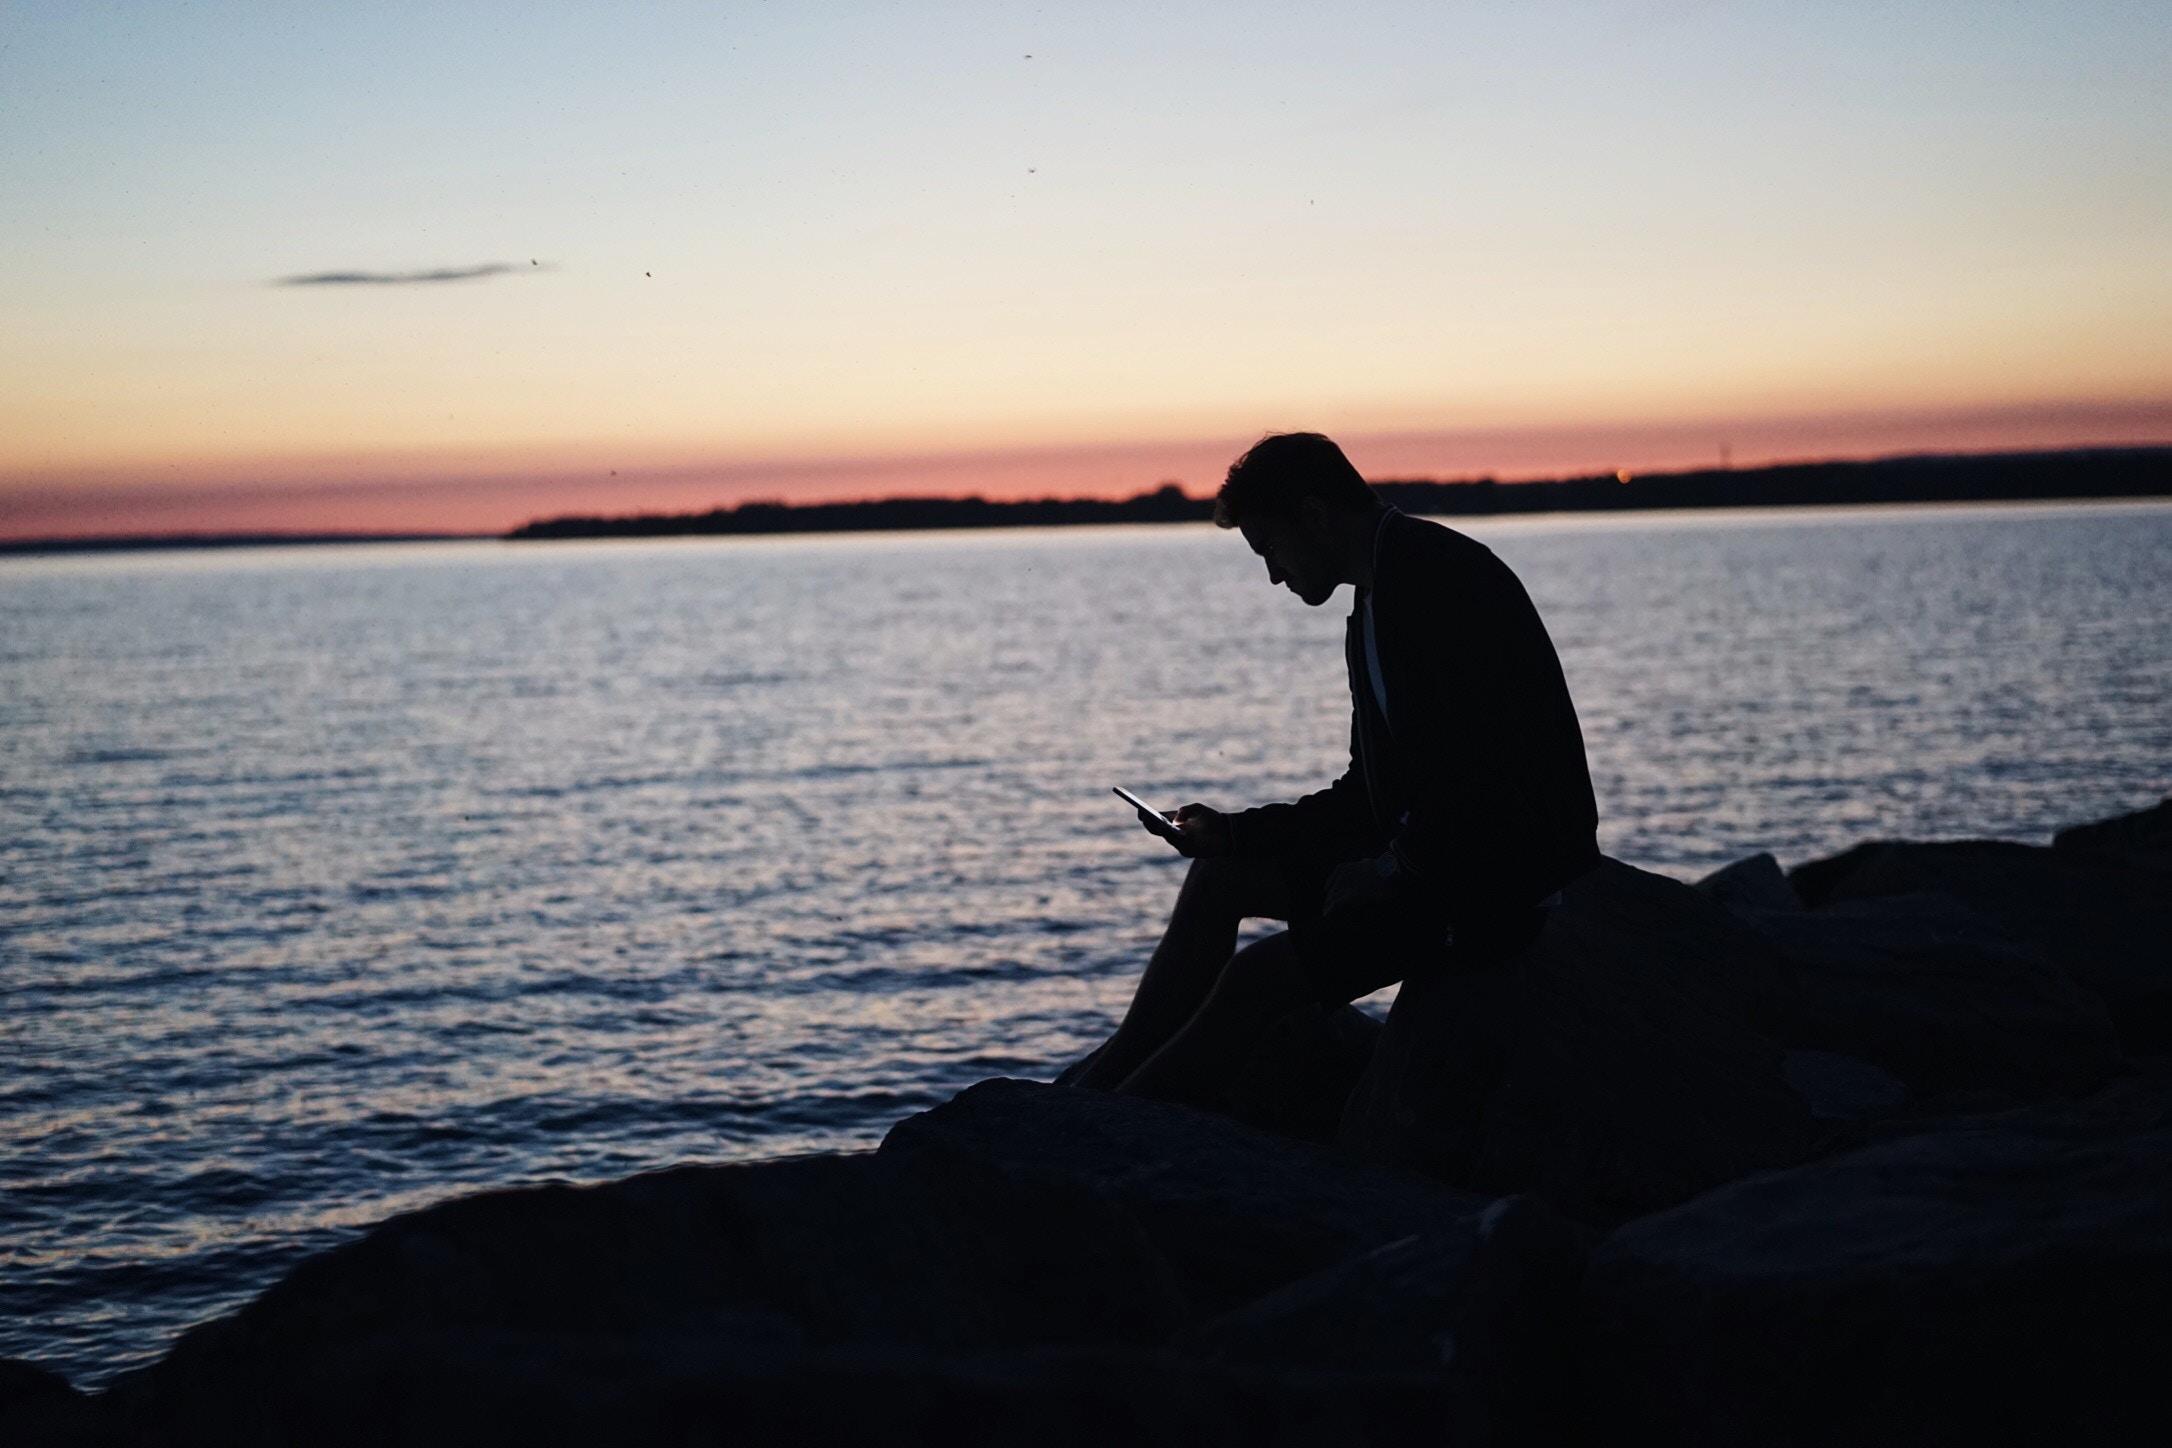 THÉRAPIE EN LIGNE - PenseesIntrusives.comvous met en contact avec des psychothérapeutes certifiés, spécialisés dans le traitement des pensées intrusives, des TOCs et des troubles associés à l'anxiété. La thérapie utilisée est laThérapie Cognitive Comportementale (TCC).